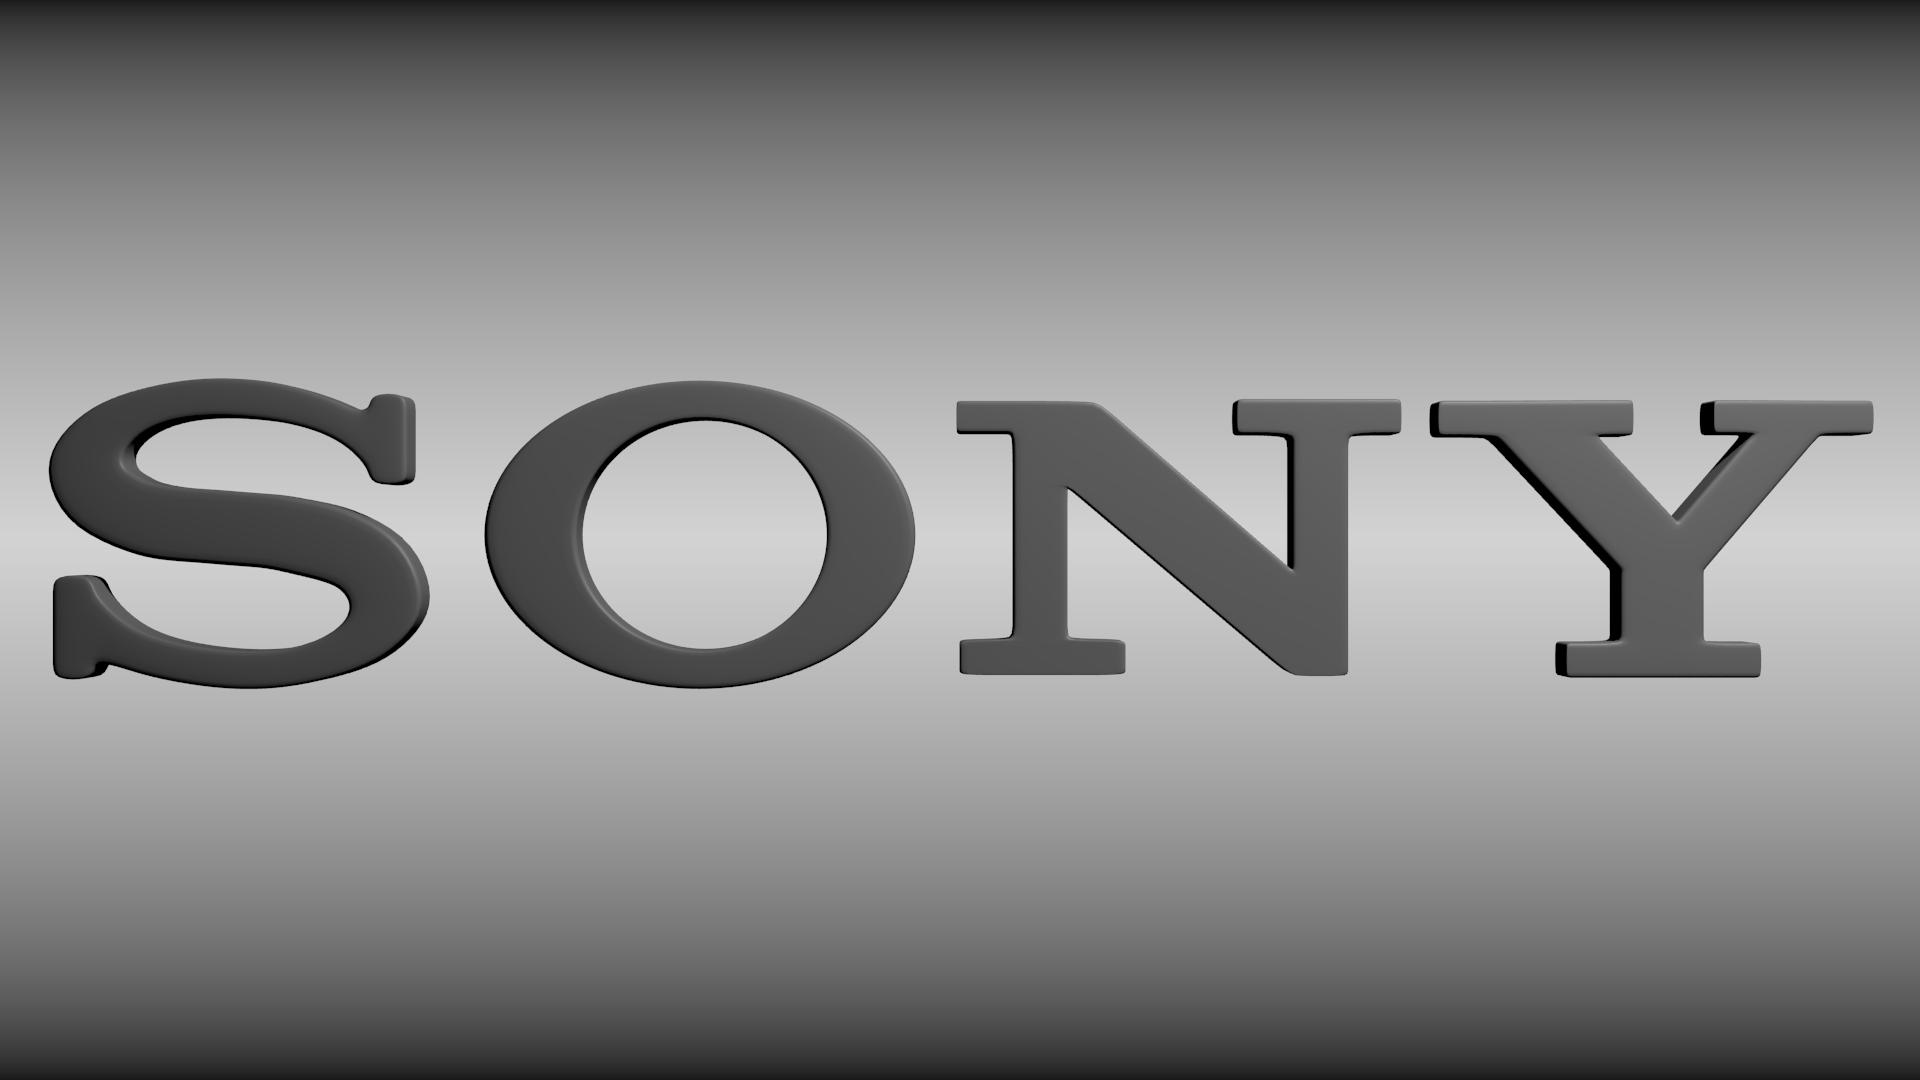 sony logo 3d model   cgtrader